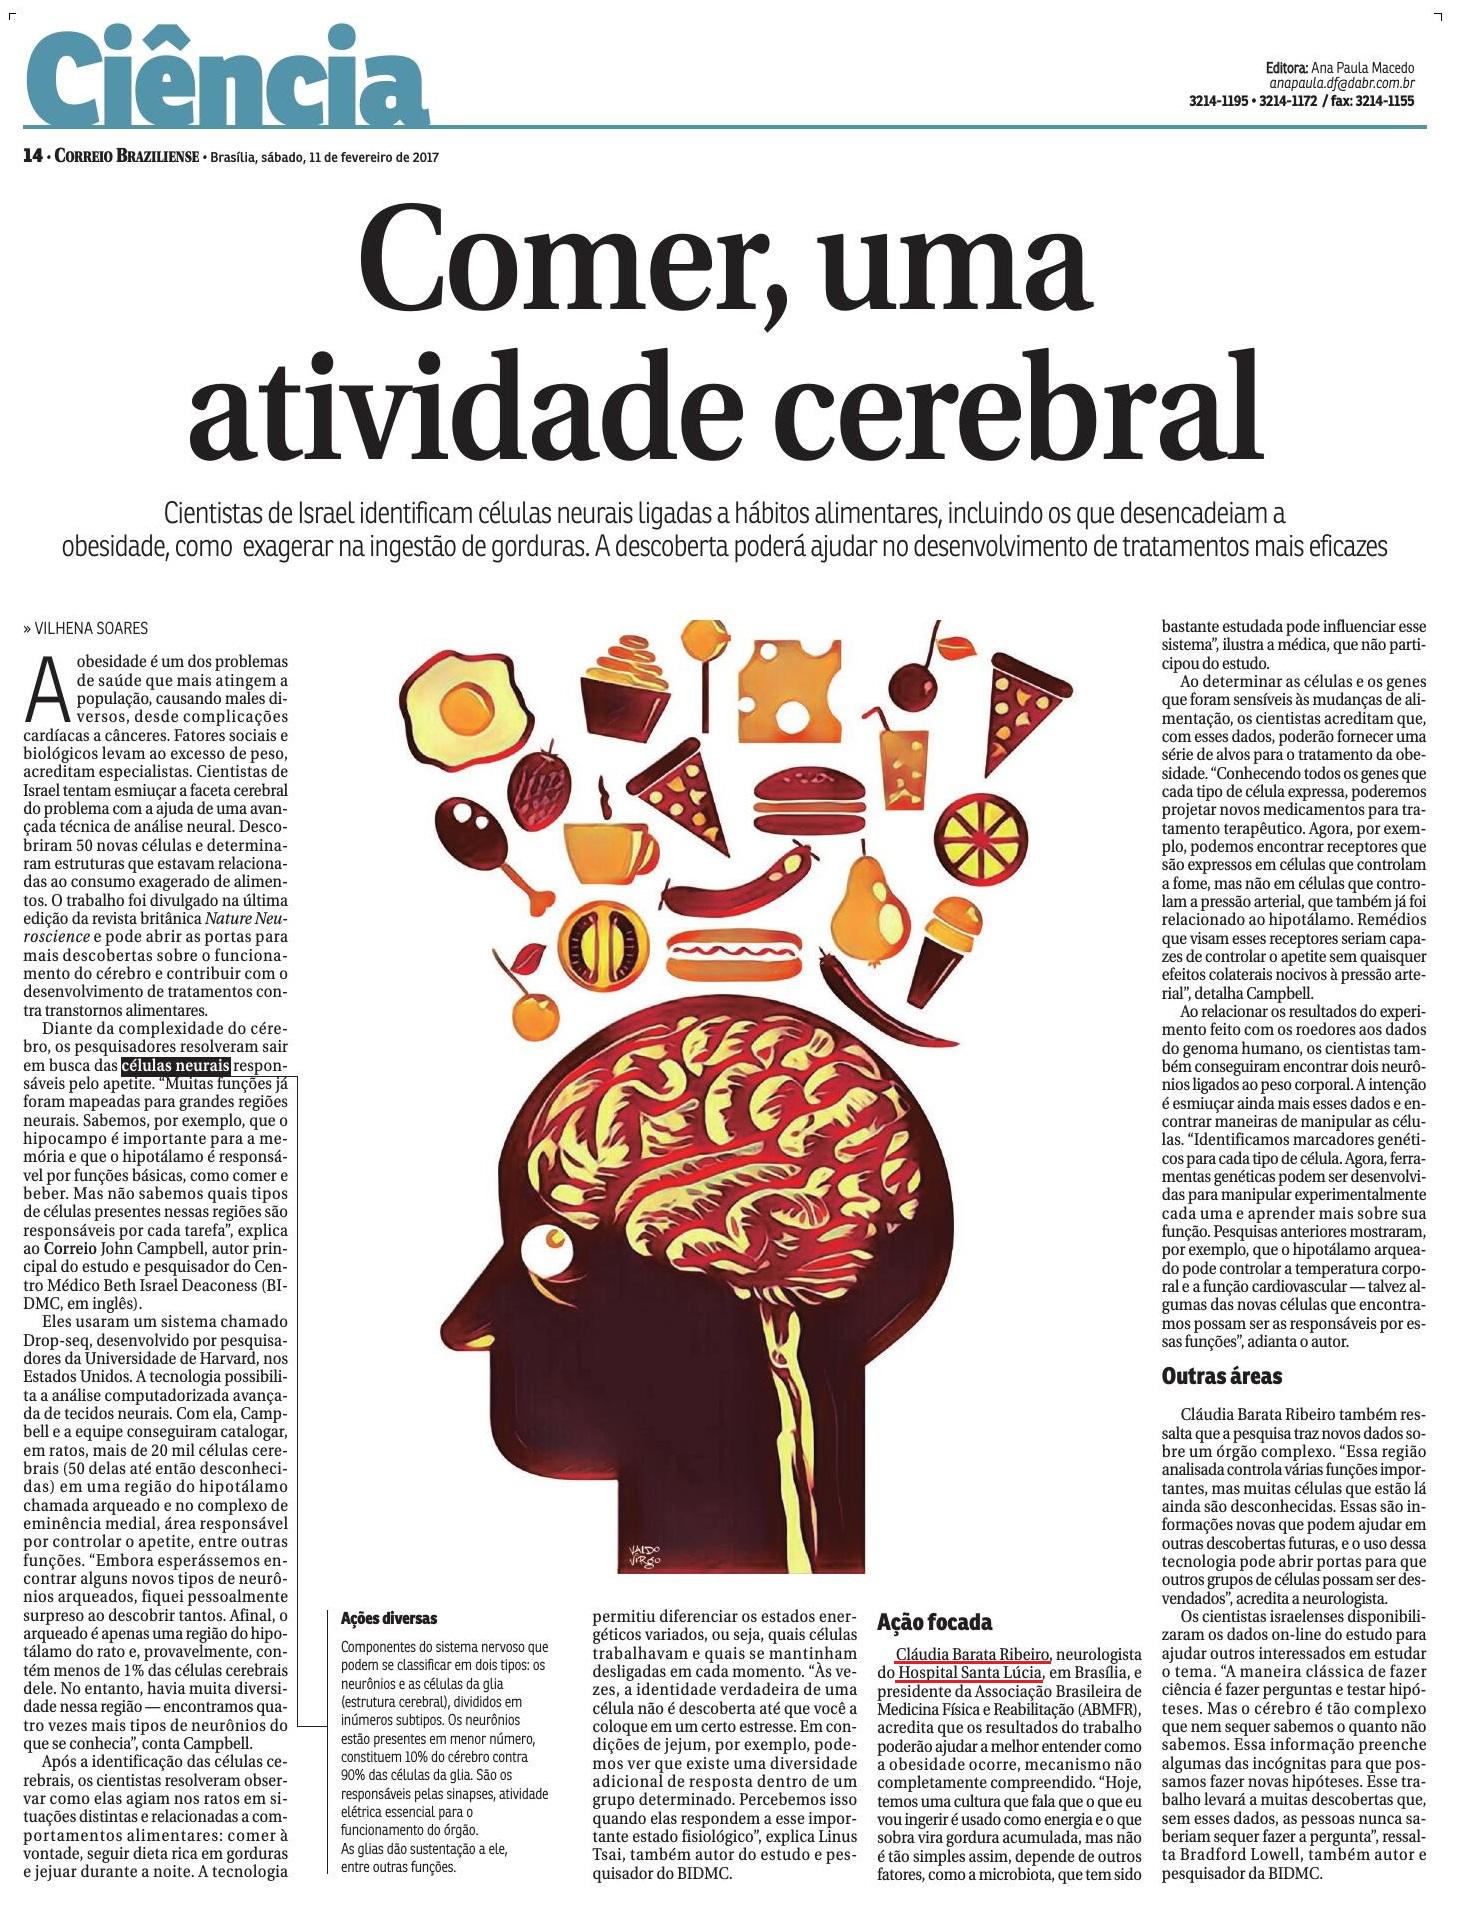 Correio Braziliense - Dra. Cláudia Barata HSL - 11-02-2017